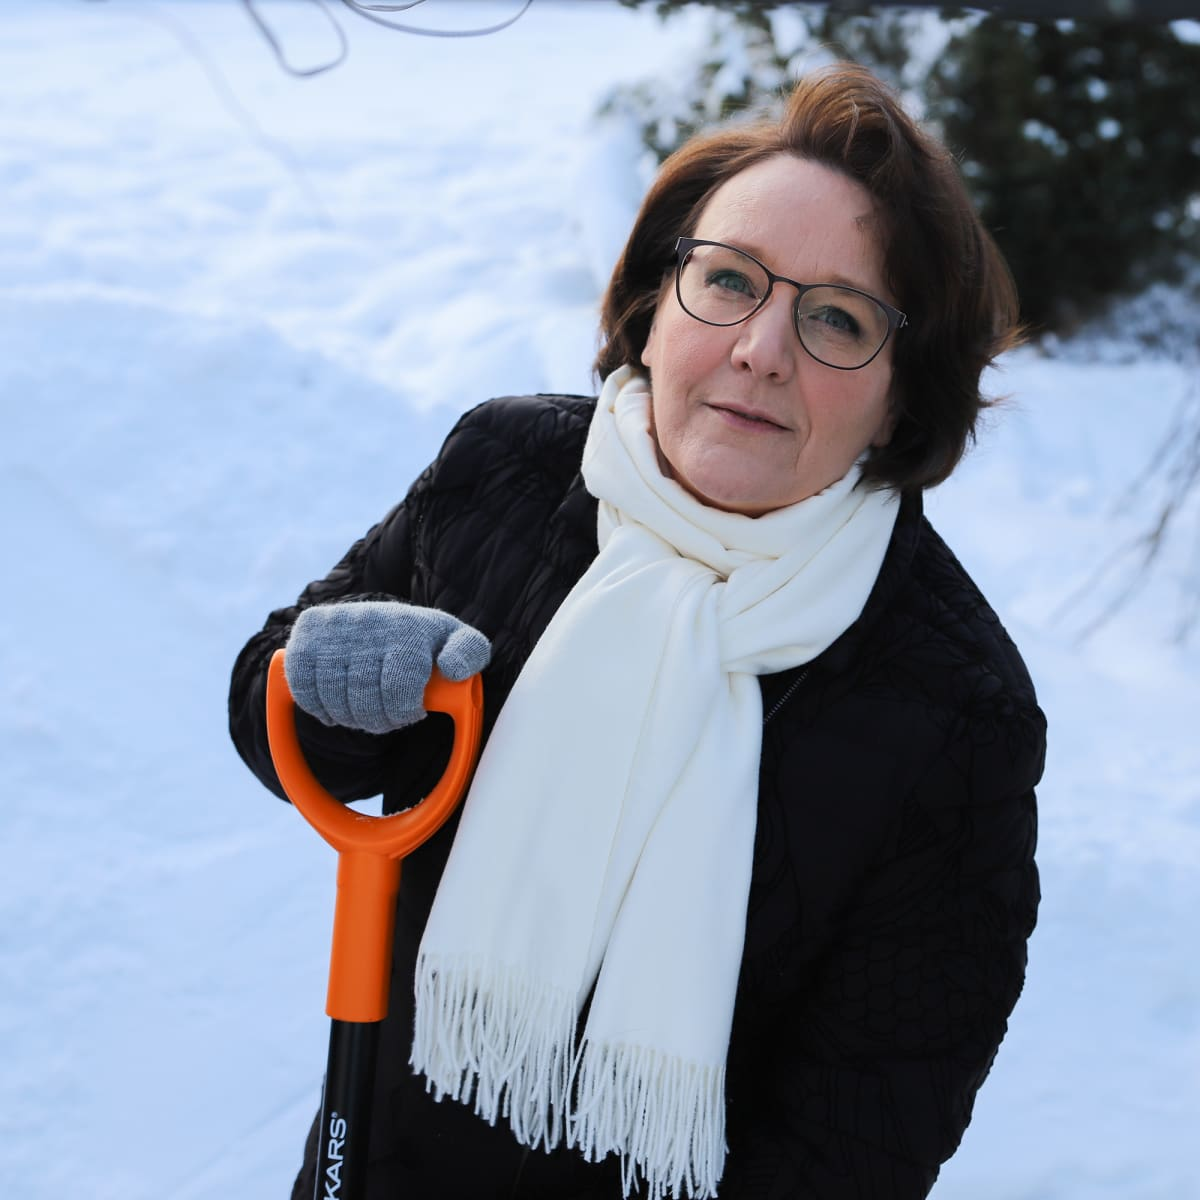 THL:n johtava asiantuntija Sari Kehusmaa pitelee lapiota henkilökuvassa.